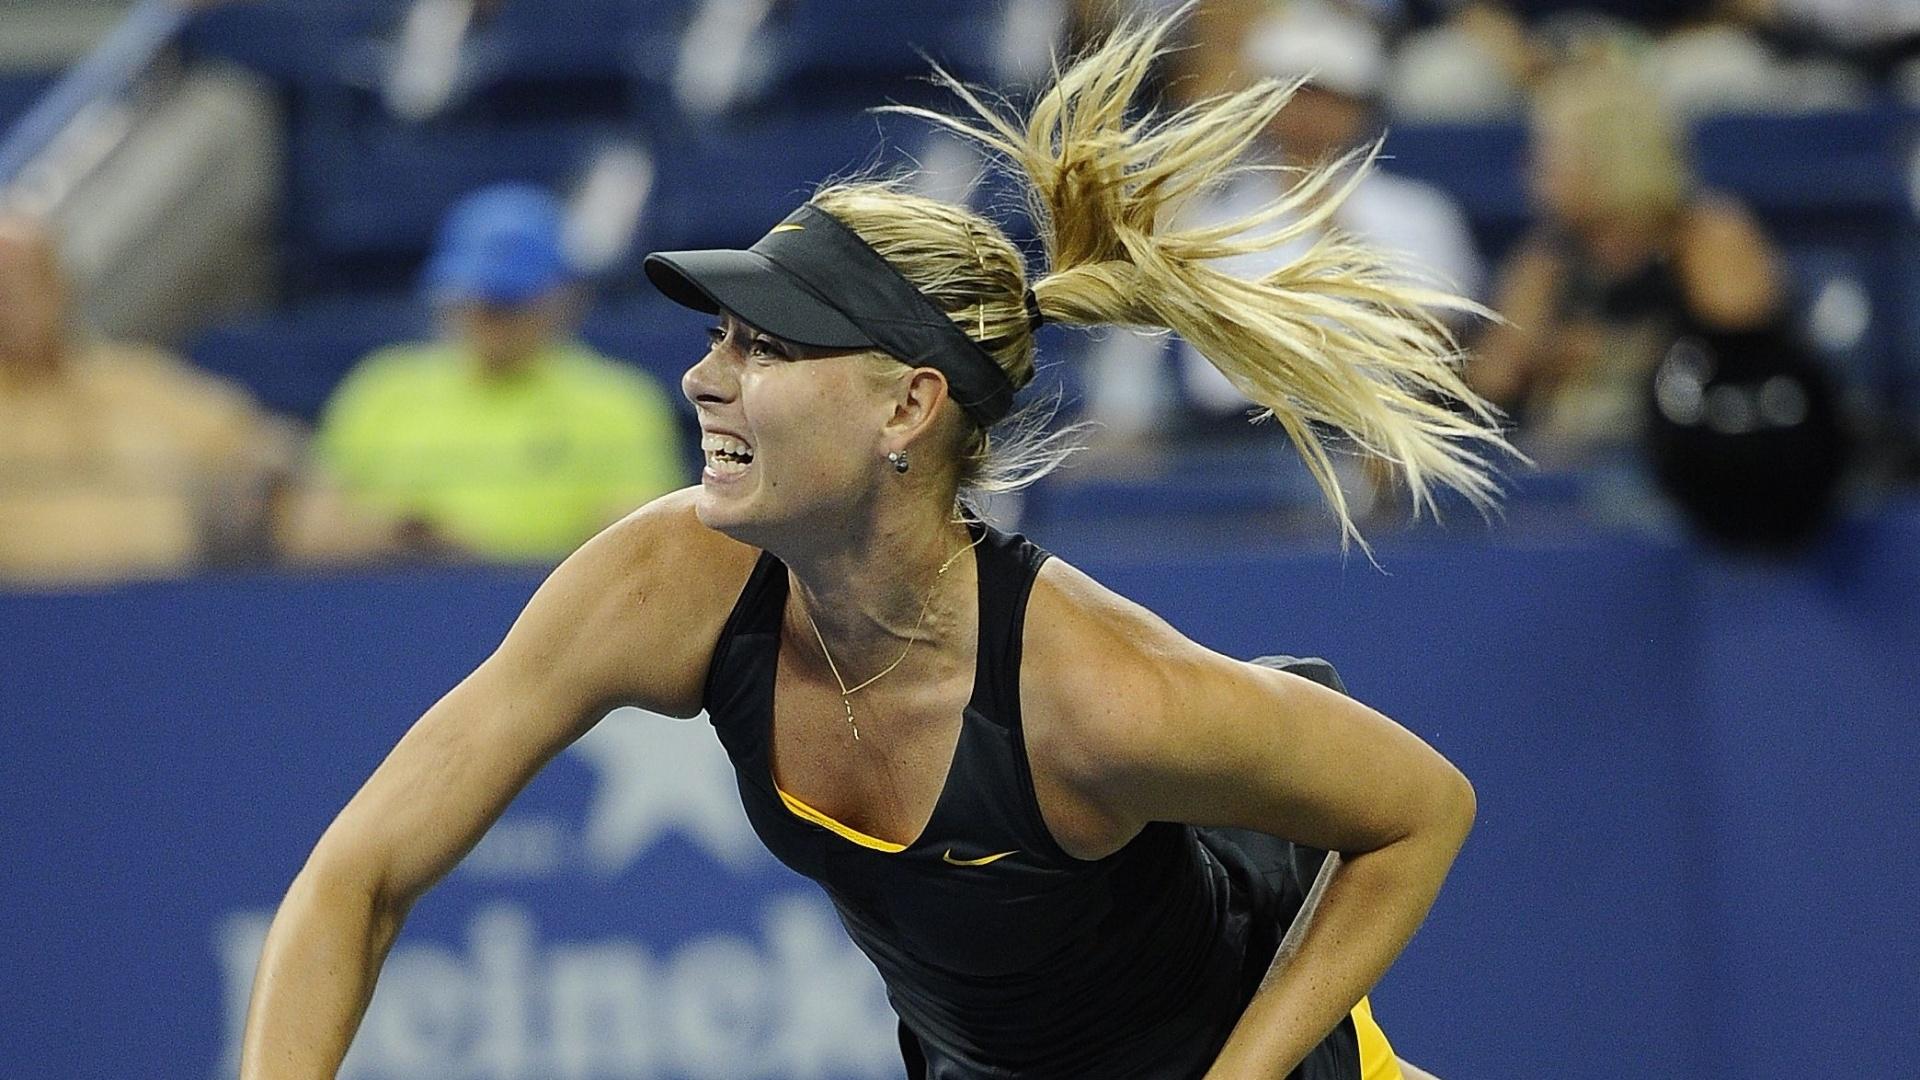 Maria Sharapova saca durante a partida contra Lourdes Dominguez Lino na 2ª rodada do Aberto dos EUA